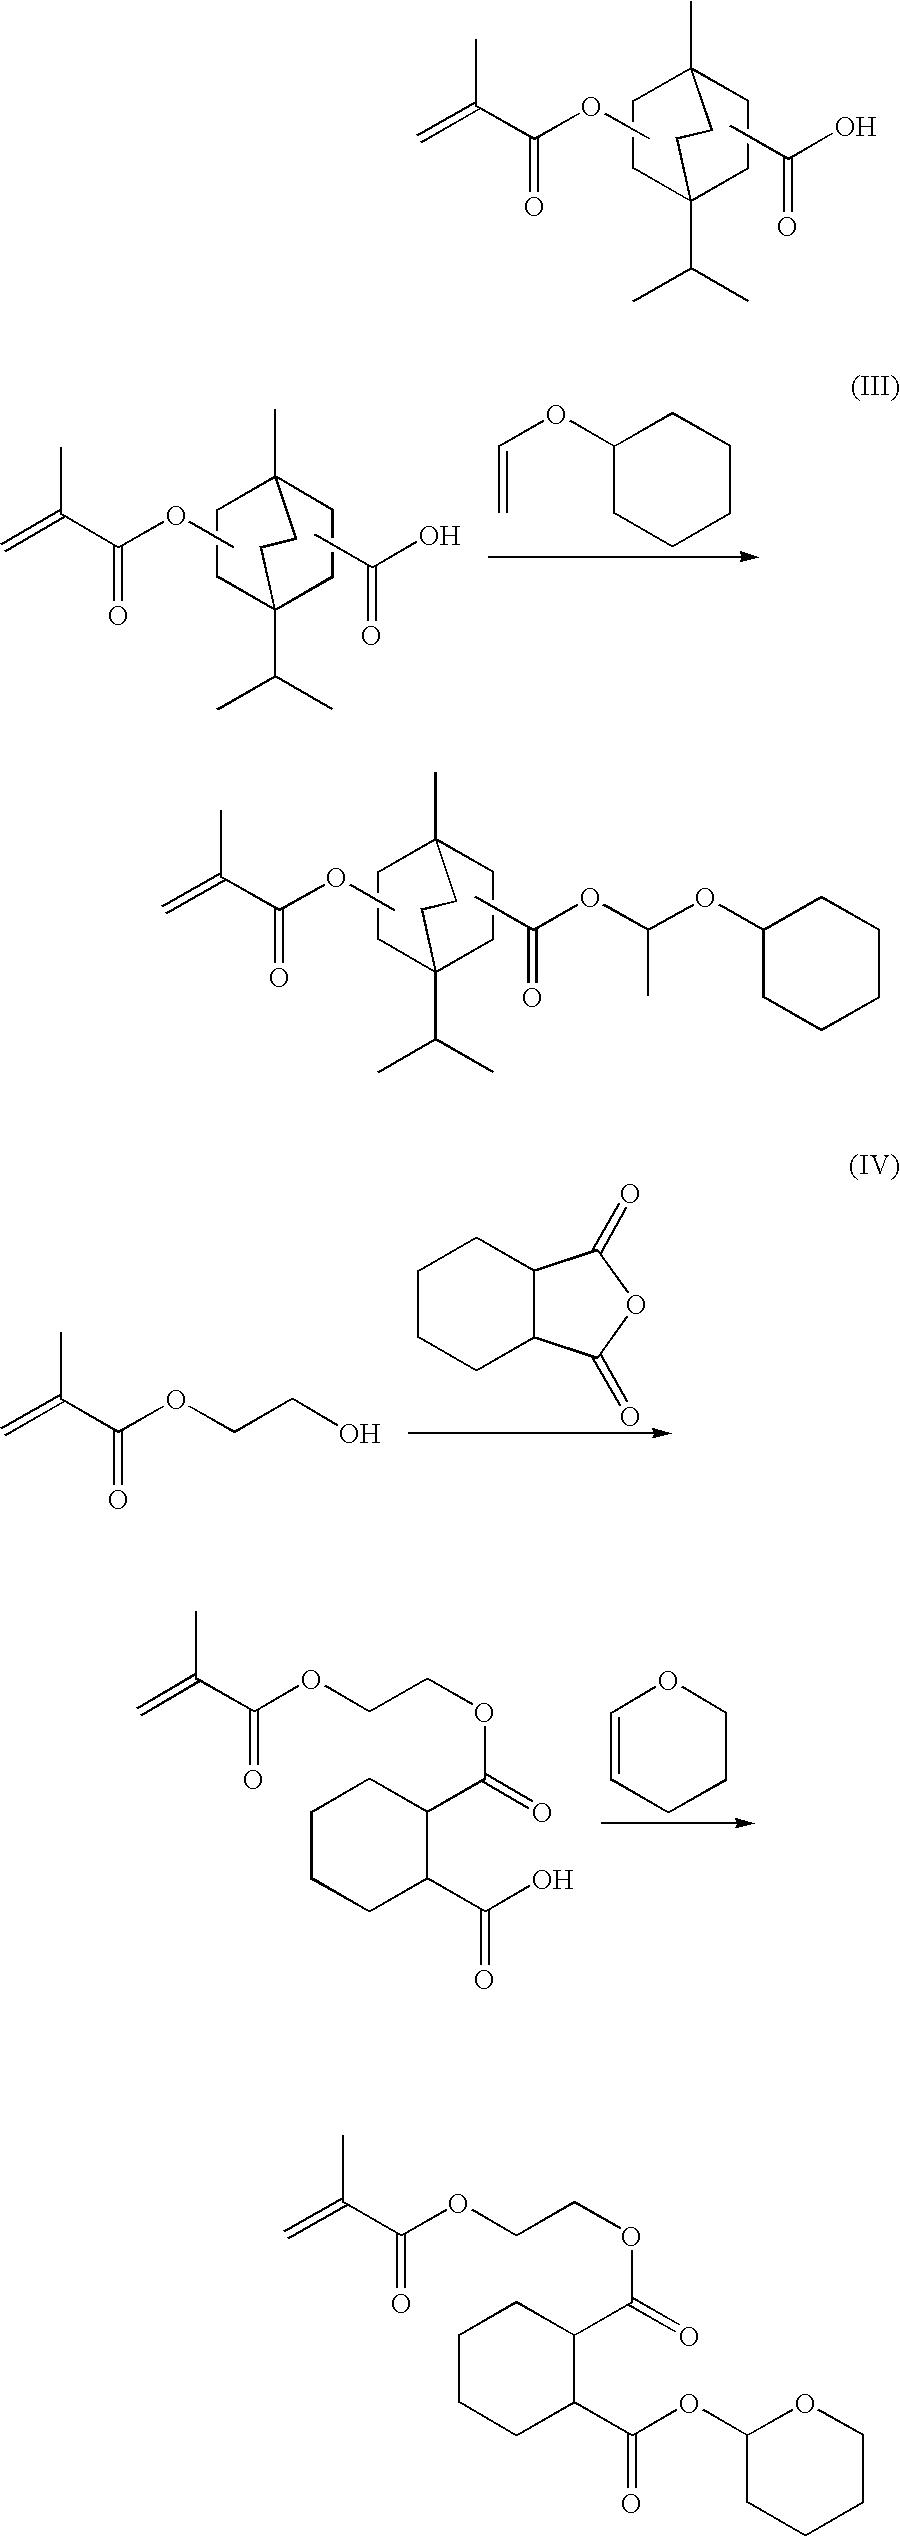 Figure US08114949-20120214-C00039